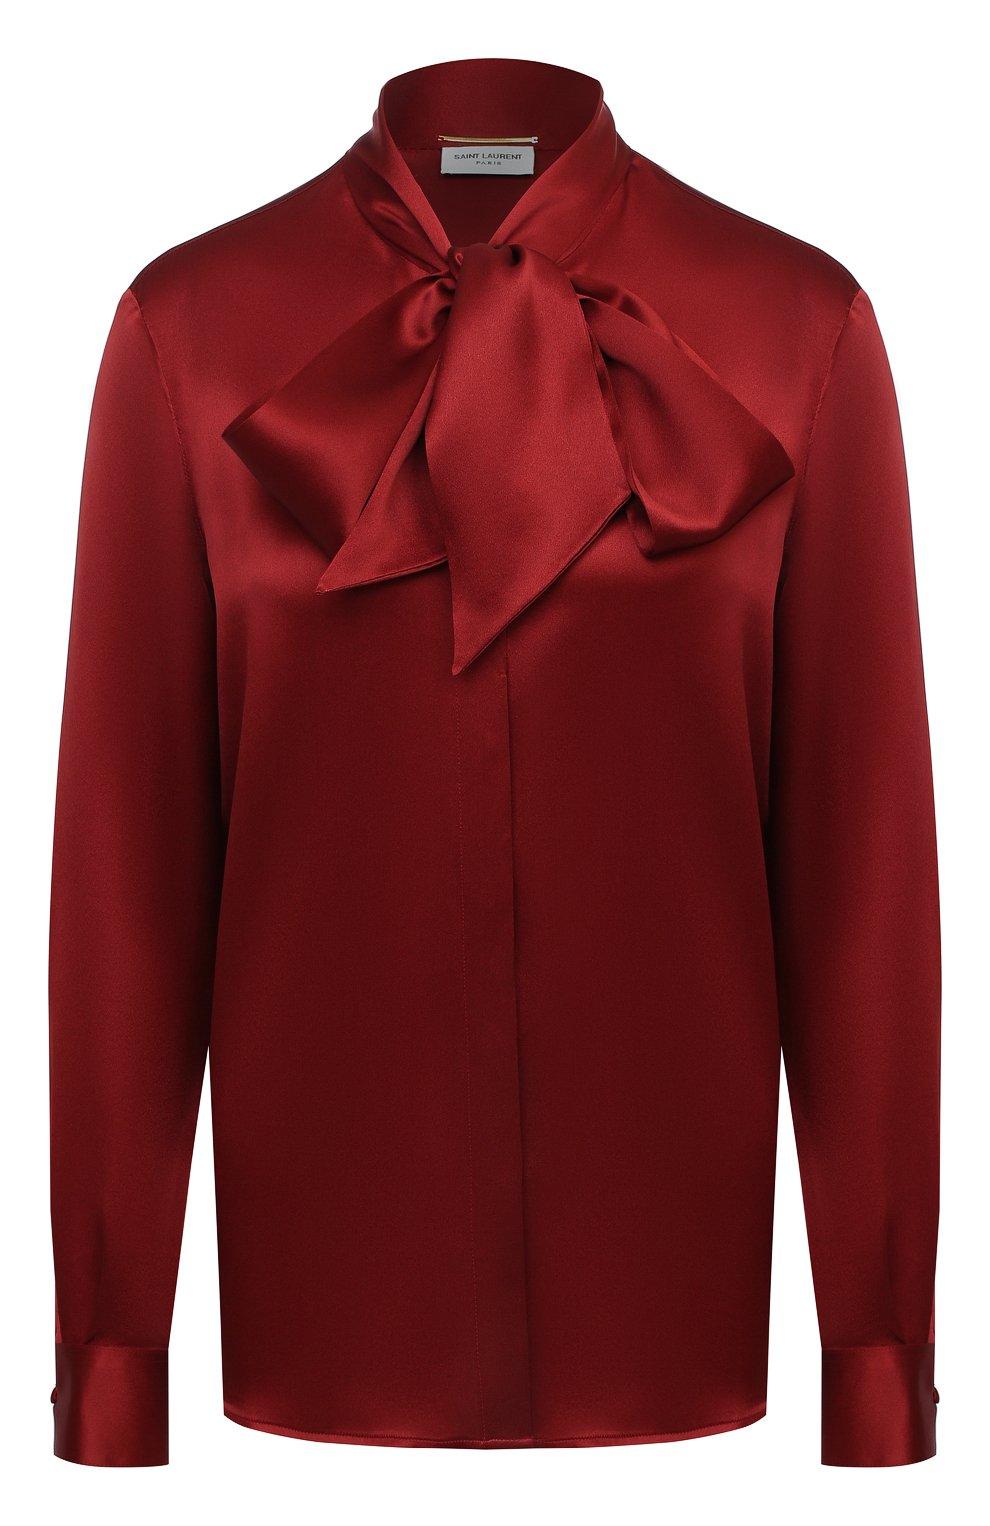 Женская шелковая блузка SAINT LAURENT красного цвета, арт. 635897/Y2B43   Фото 1 (Материал внешний: Шелк; Рукава: Длинные; Принт: Без принта; Длина (для топов): Стандартные; Женское Кросс-КТ: Блуза-одежда)